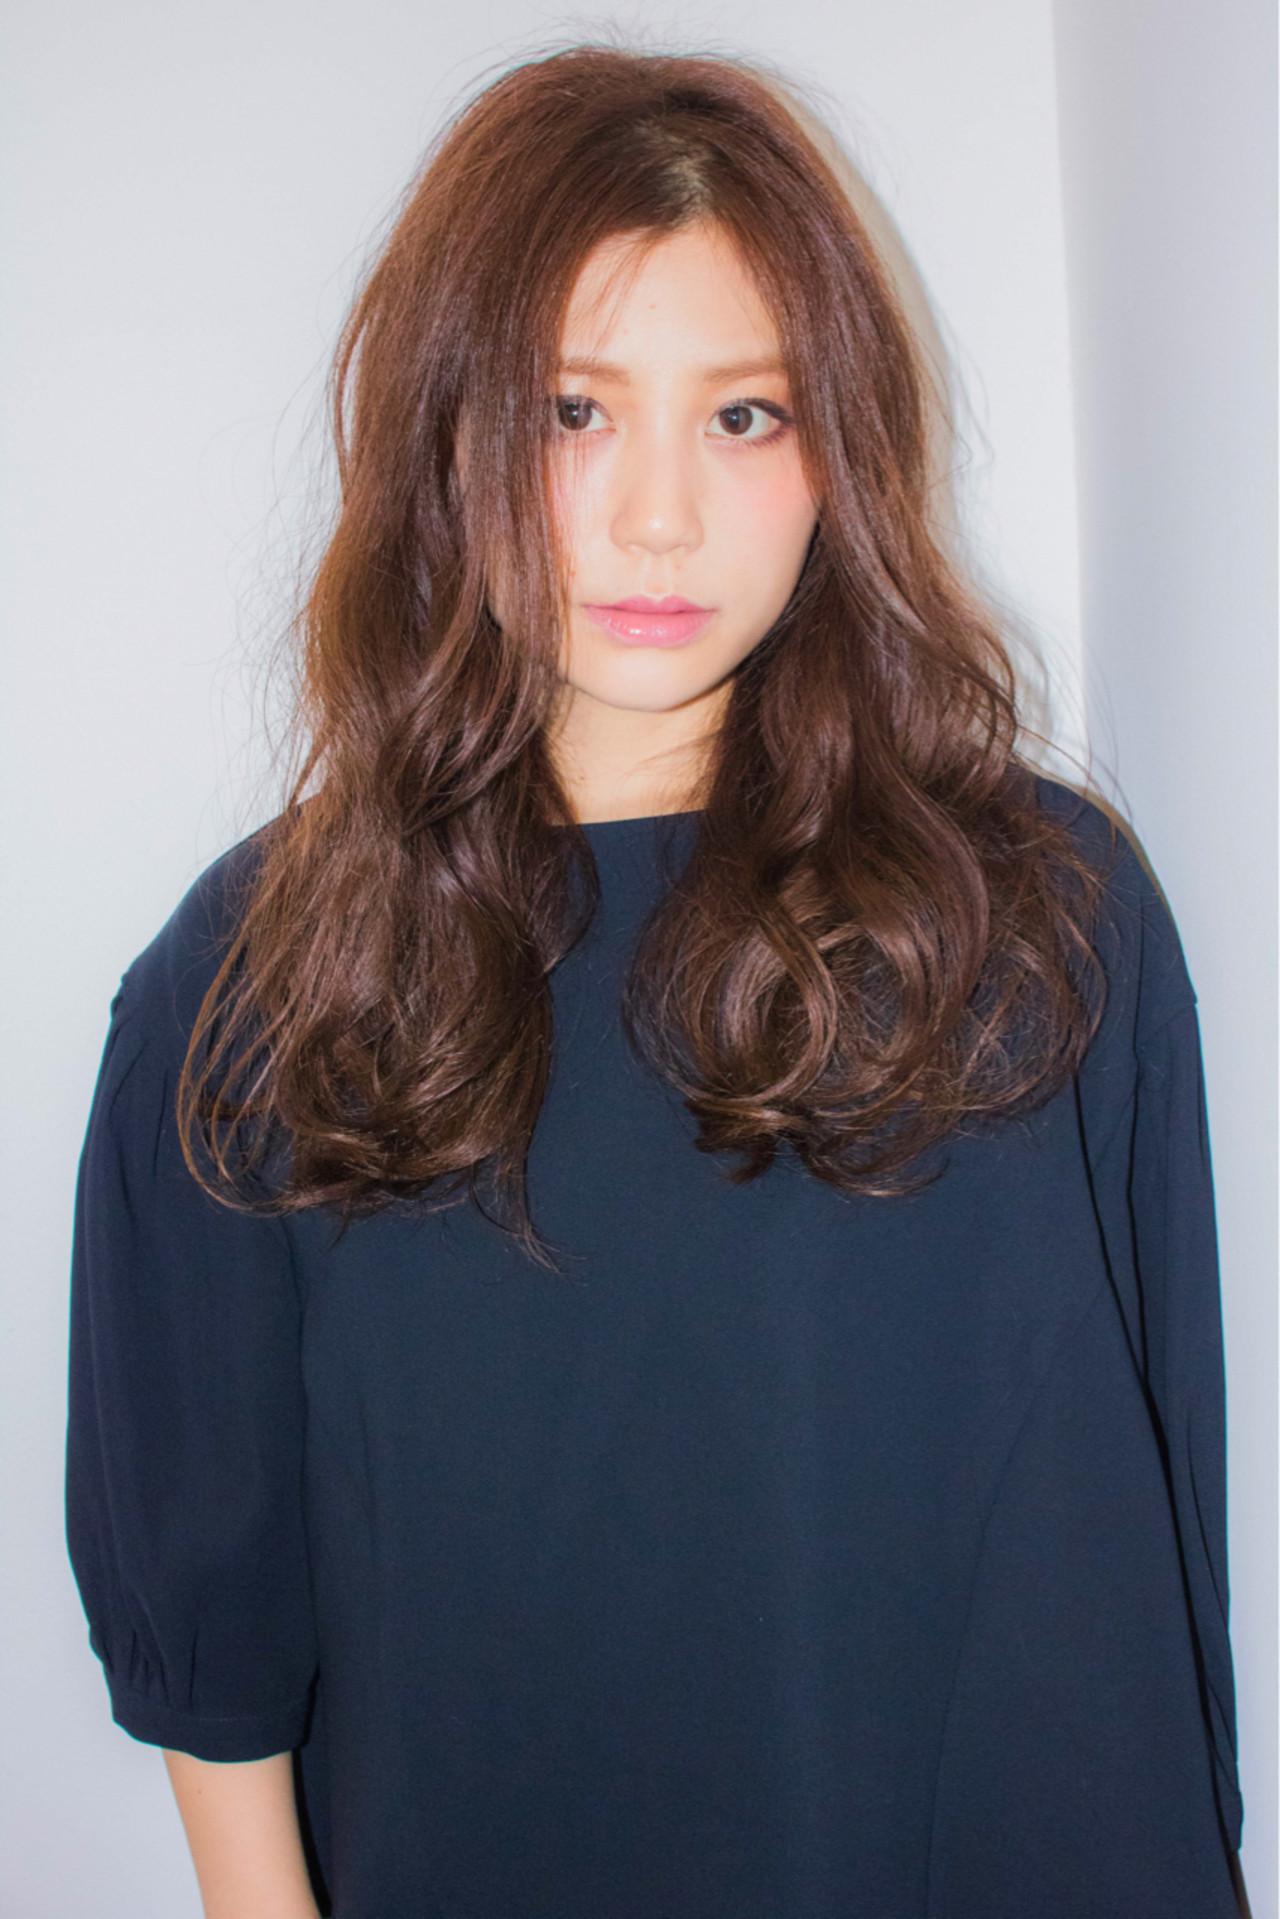 モード 外国人風 かっこいい 大人女子 ヘアスタイルや髪型の写真・画像